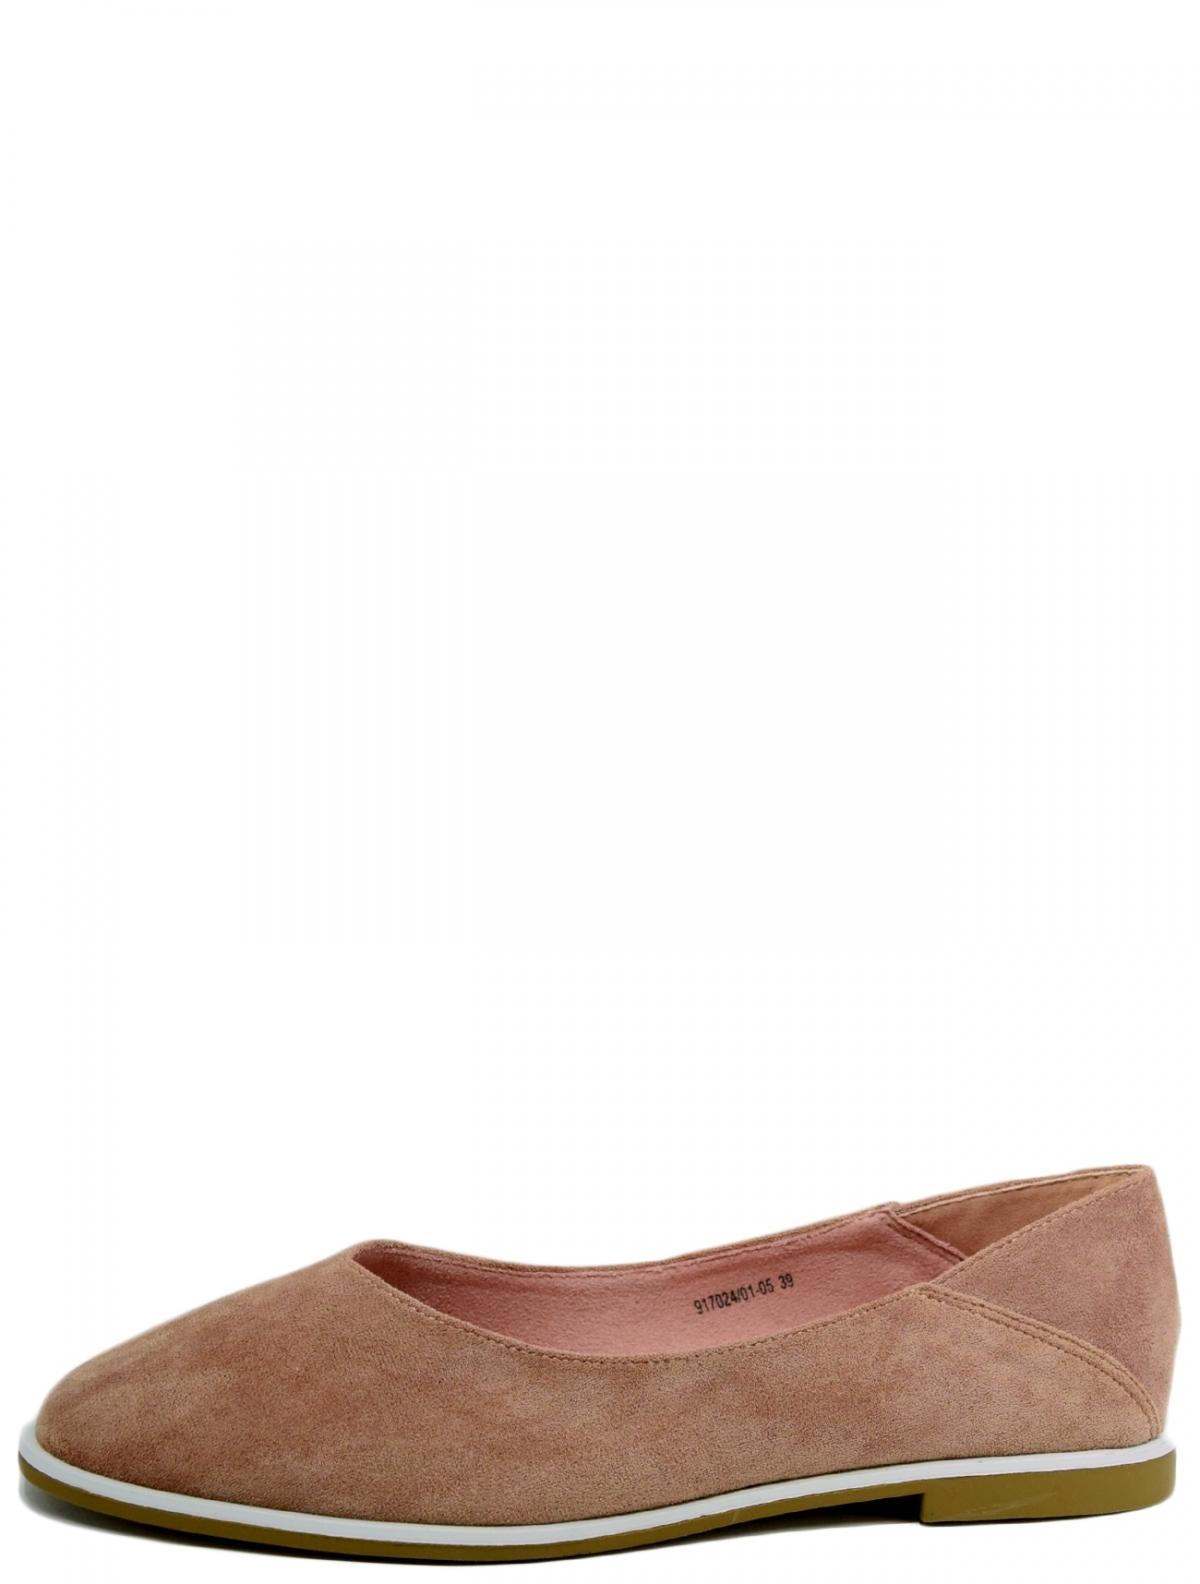 Betsy 917024/01-05 женские балетки